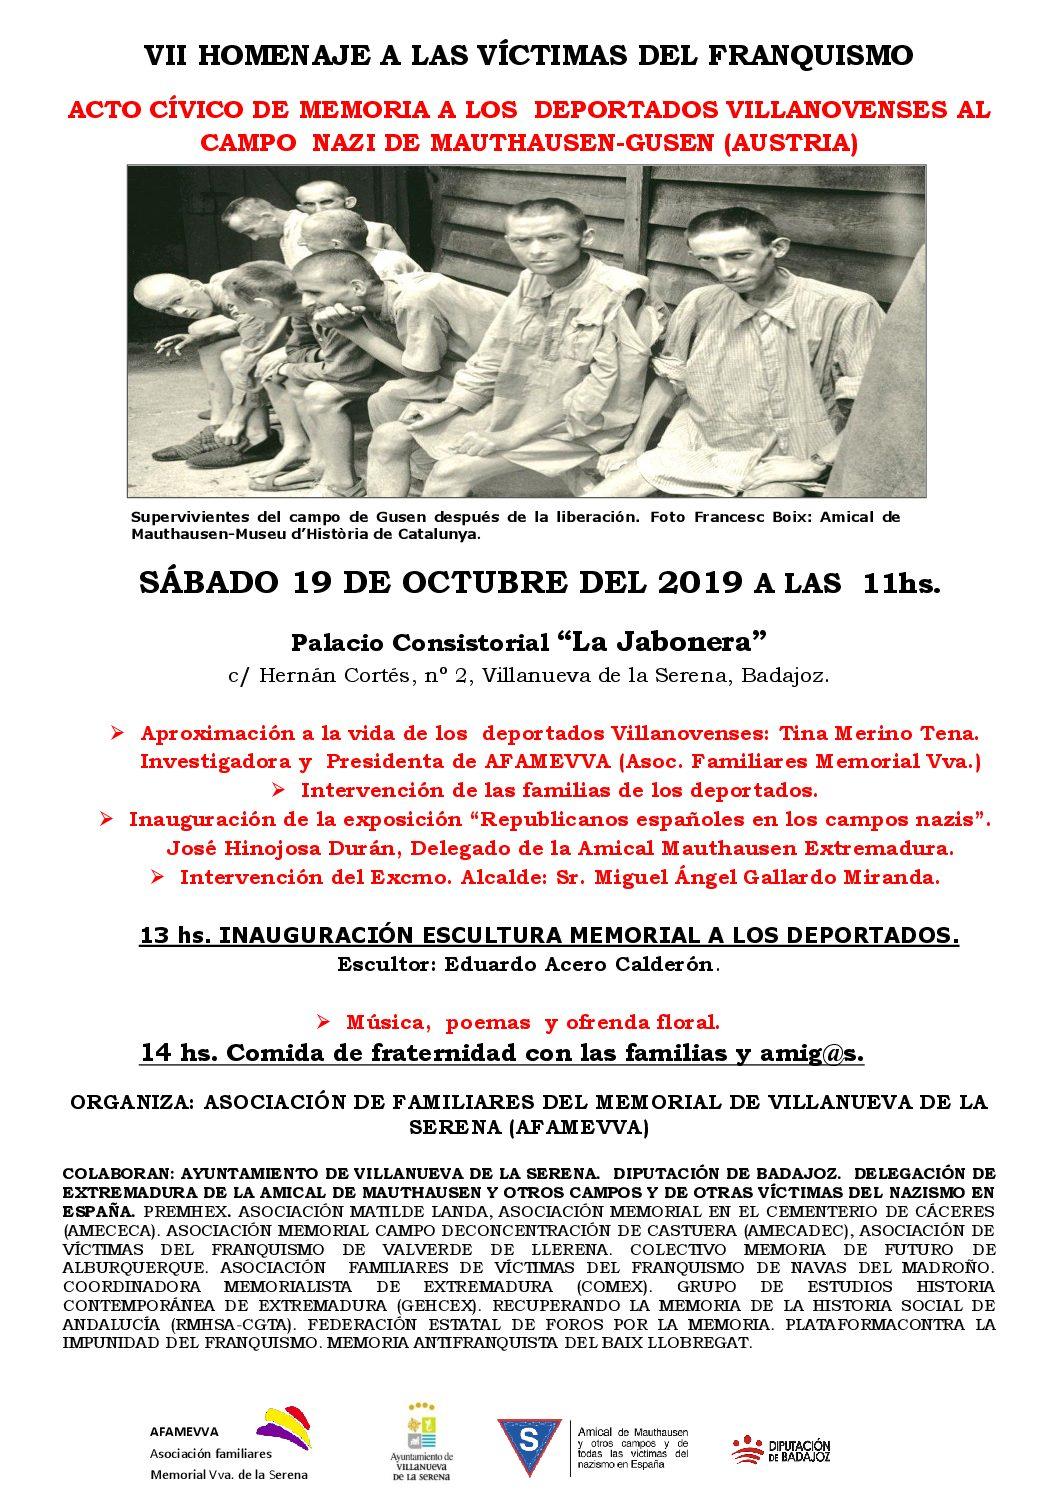 AFAMEVVA organiza un acto de Homenaje e Inauguración de Escultura a los deportados villanovenses al campo nazi de Mauthausen el sábado 19 de octubre en Villanueva de la Serena